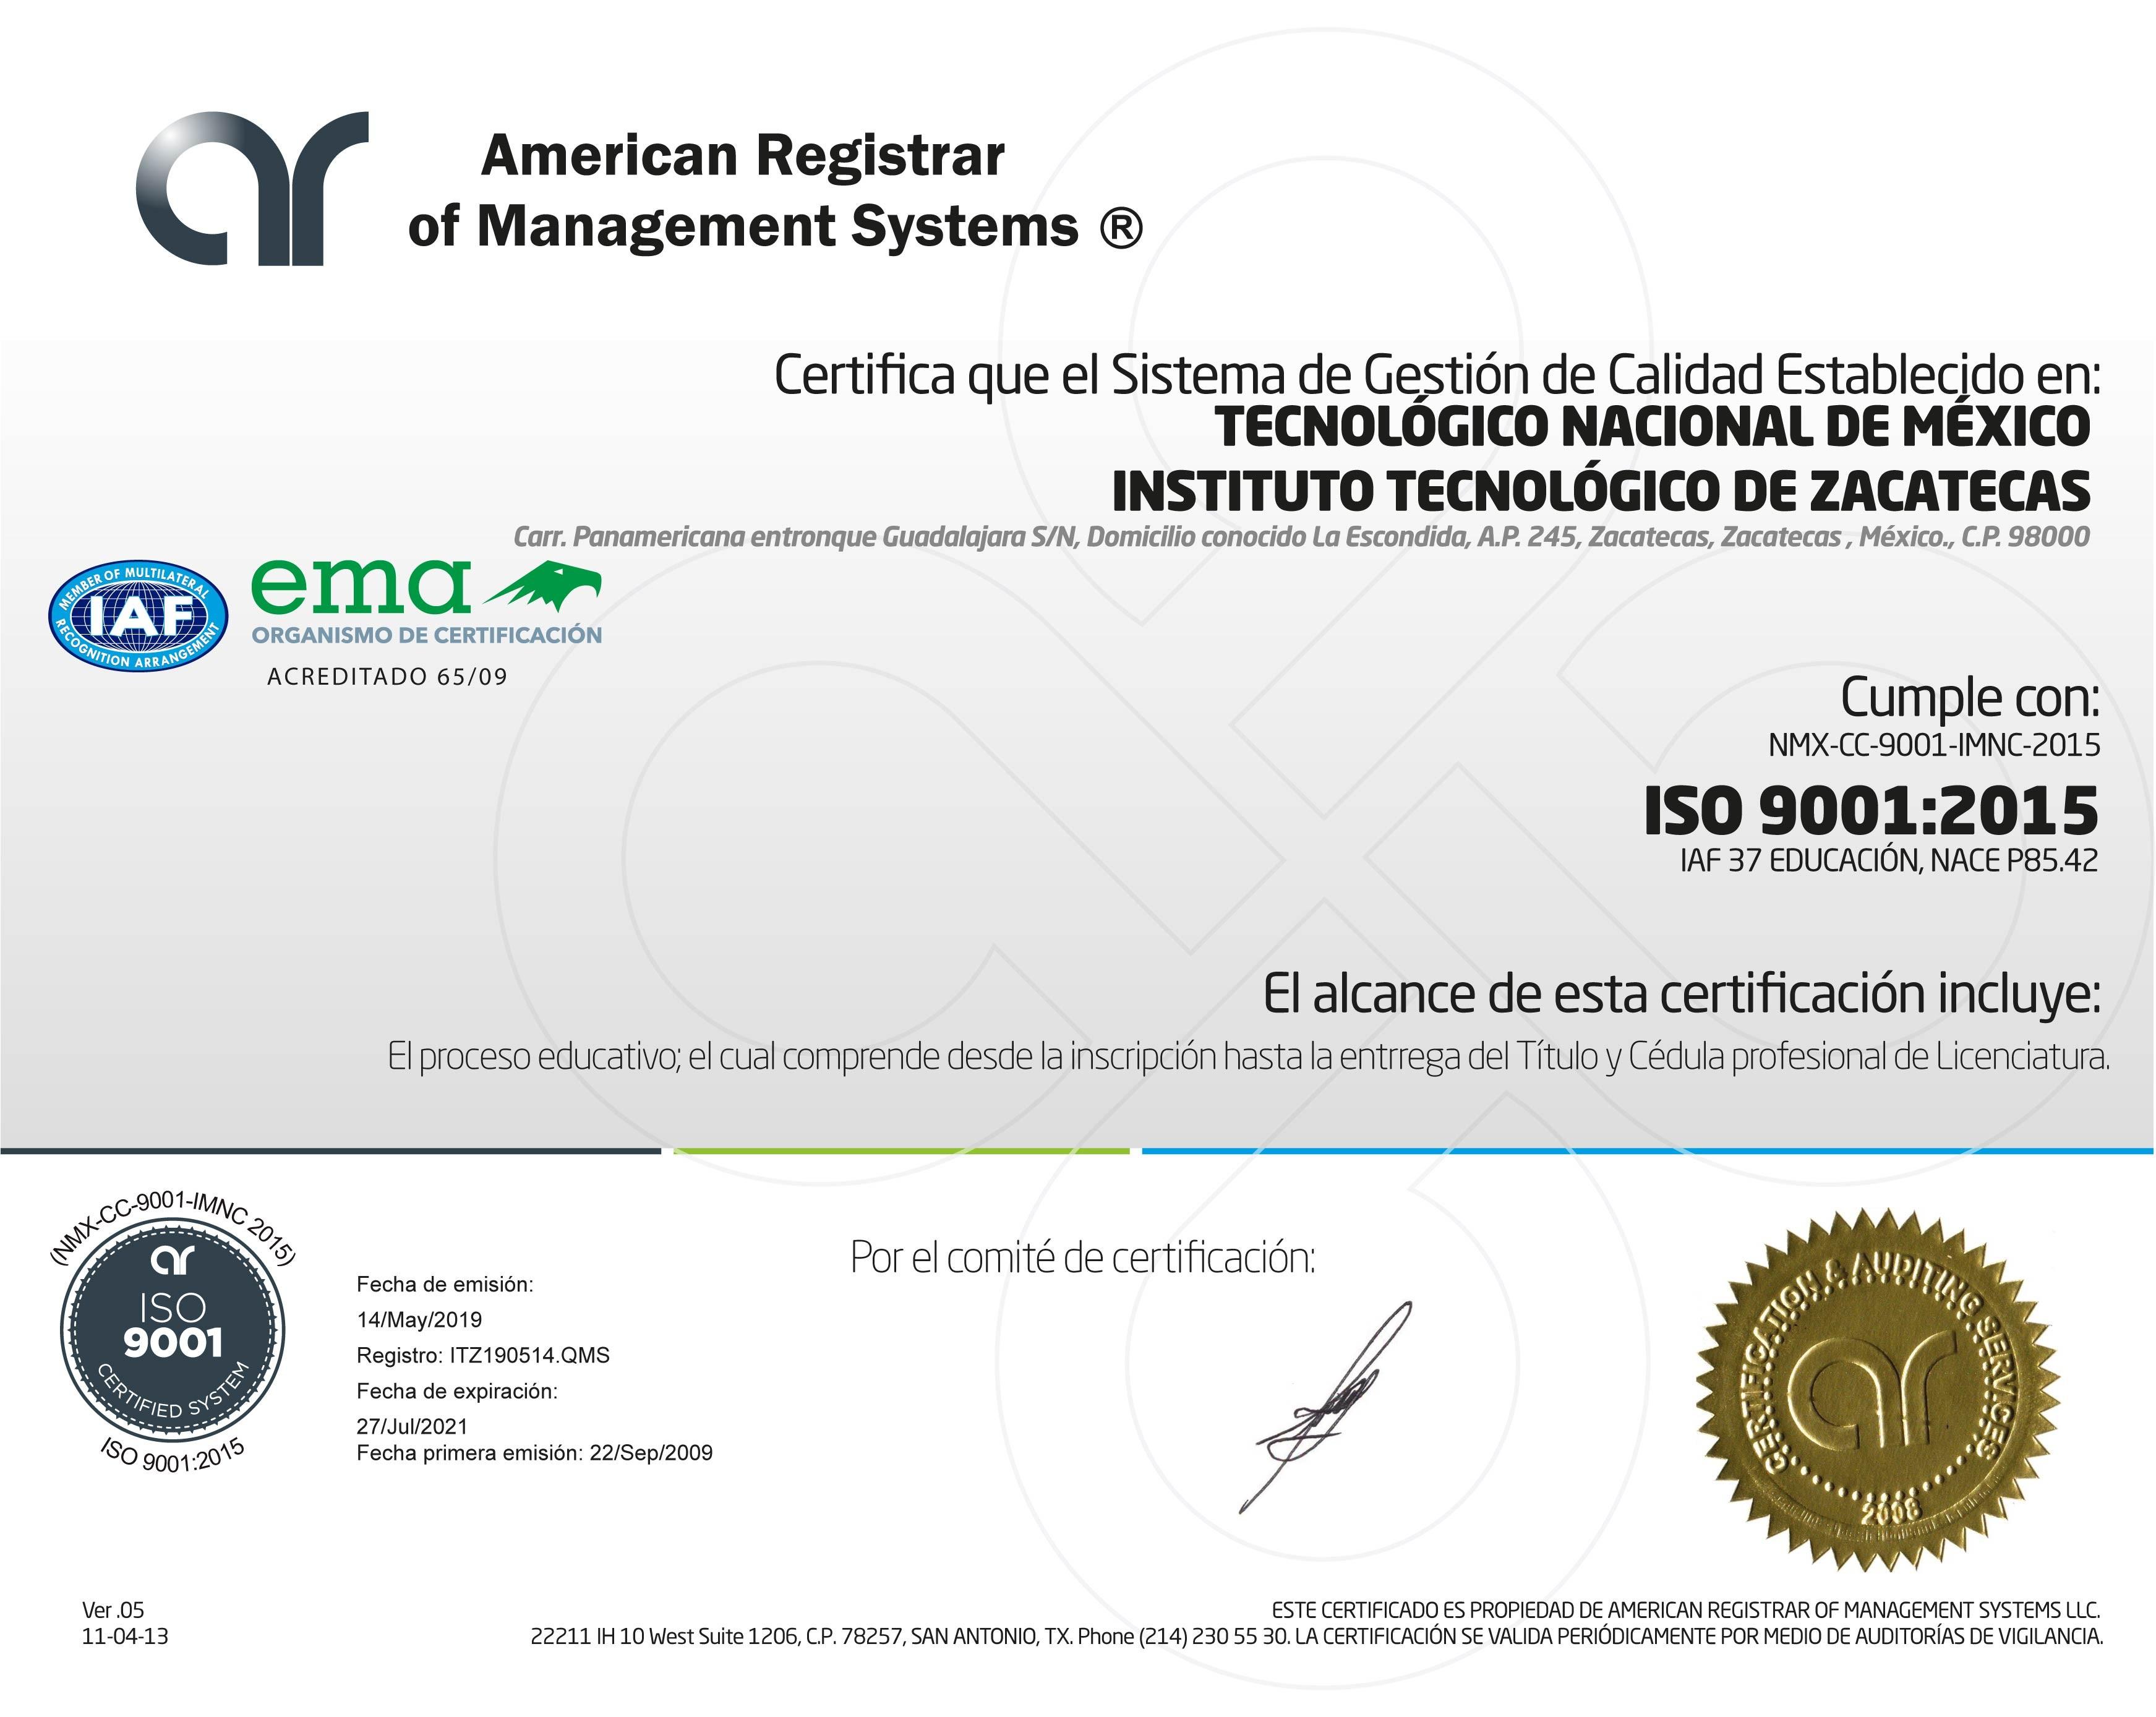 EL INSTITUTO TECNOLÓGICO DE ZACATECAS OBTIENE LA CERTIFICACIÓN DEL SISTEMA DE GESTIÓN DE CALIDAD ISO-9001:2015 NMX-CC-9001-IMNC-201